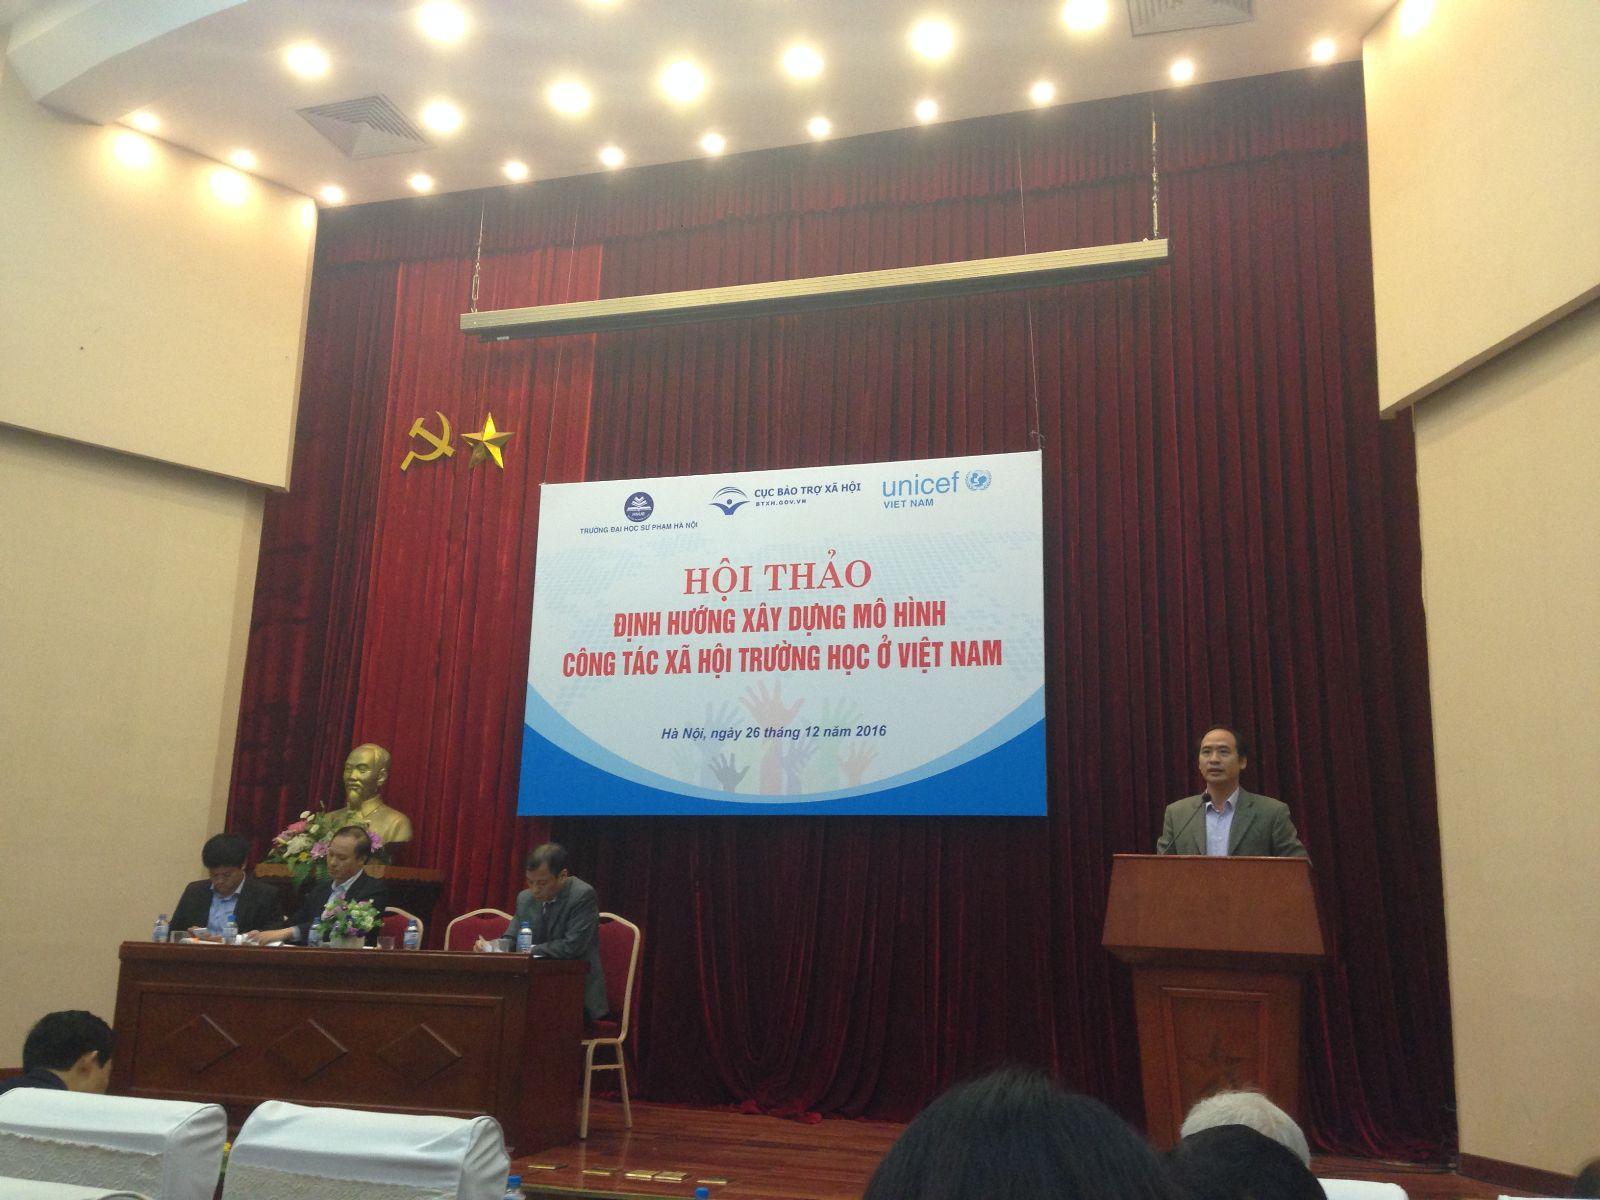 Hội thảo định hướng xây dựng mô hình công tác xã hội trường học ở Việt Nam